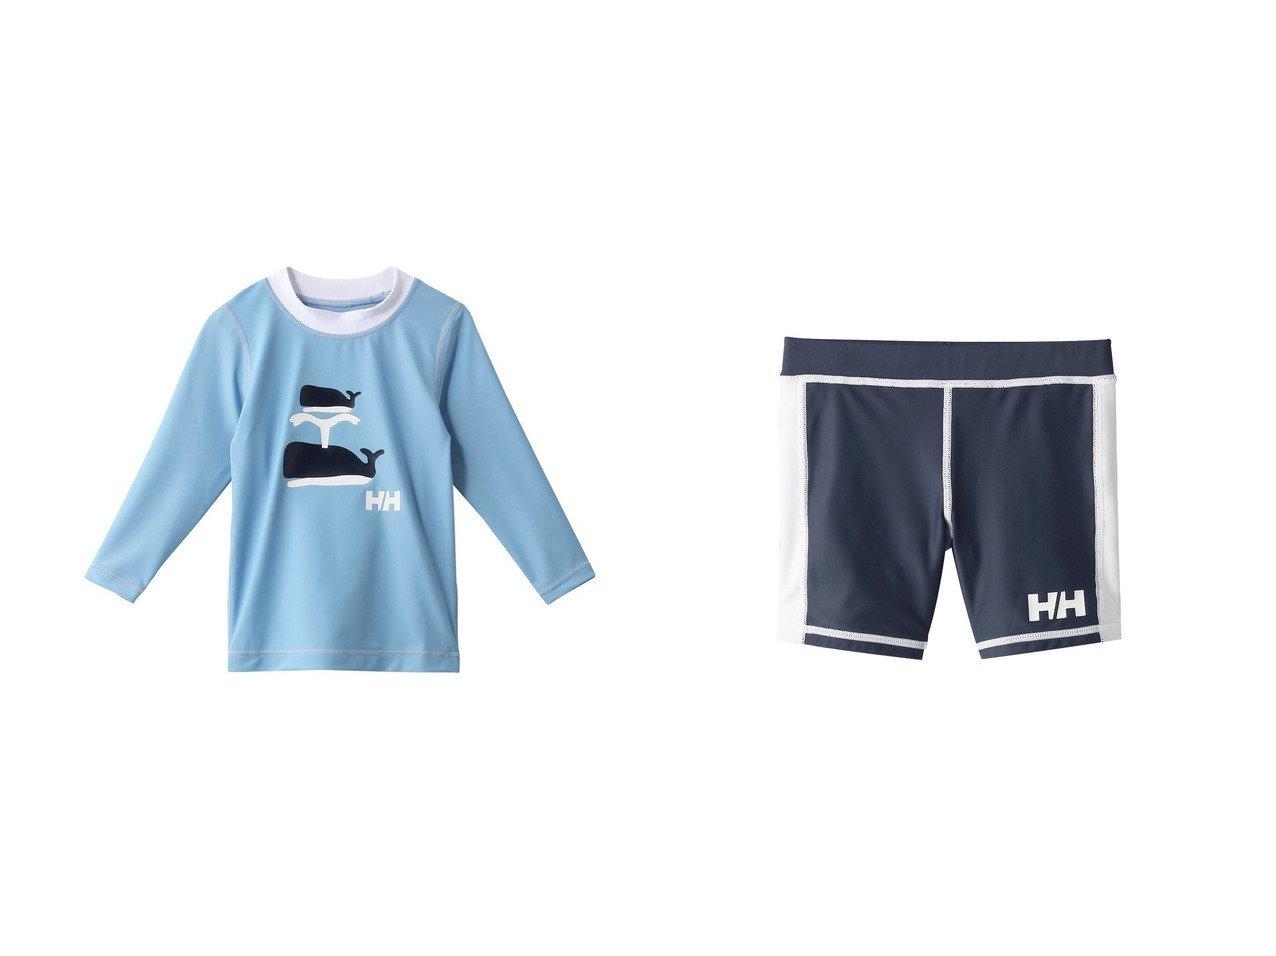 【HELLY HANSEN / KIDS/ヘリーハンセン】の【KIDS】ラッシュショーツ&【KIDS】クルーUVラッシュガード 【KIDS】子供服のおすすめ!人気トレンド・キッズファッションの通販  おすすめで人気の流行・トレンド、ファッションの通販商品 メンズファッション・キッズファッション・インテリア・家具・レディースファッション・服の通販 founy(ファニー) https://founy.com/ ファッション Fashion キッズファッション KIDS アウトドア イラスト スポーツ ビーチ フラワー フロント プリント モチーフ 再入荷 Restock/Back in Stock/Re Arrival 長袖 クール ショーツ シンプル |ID:crp329100000025740